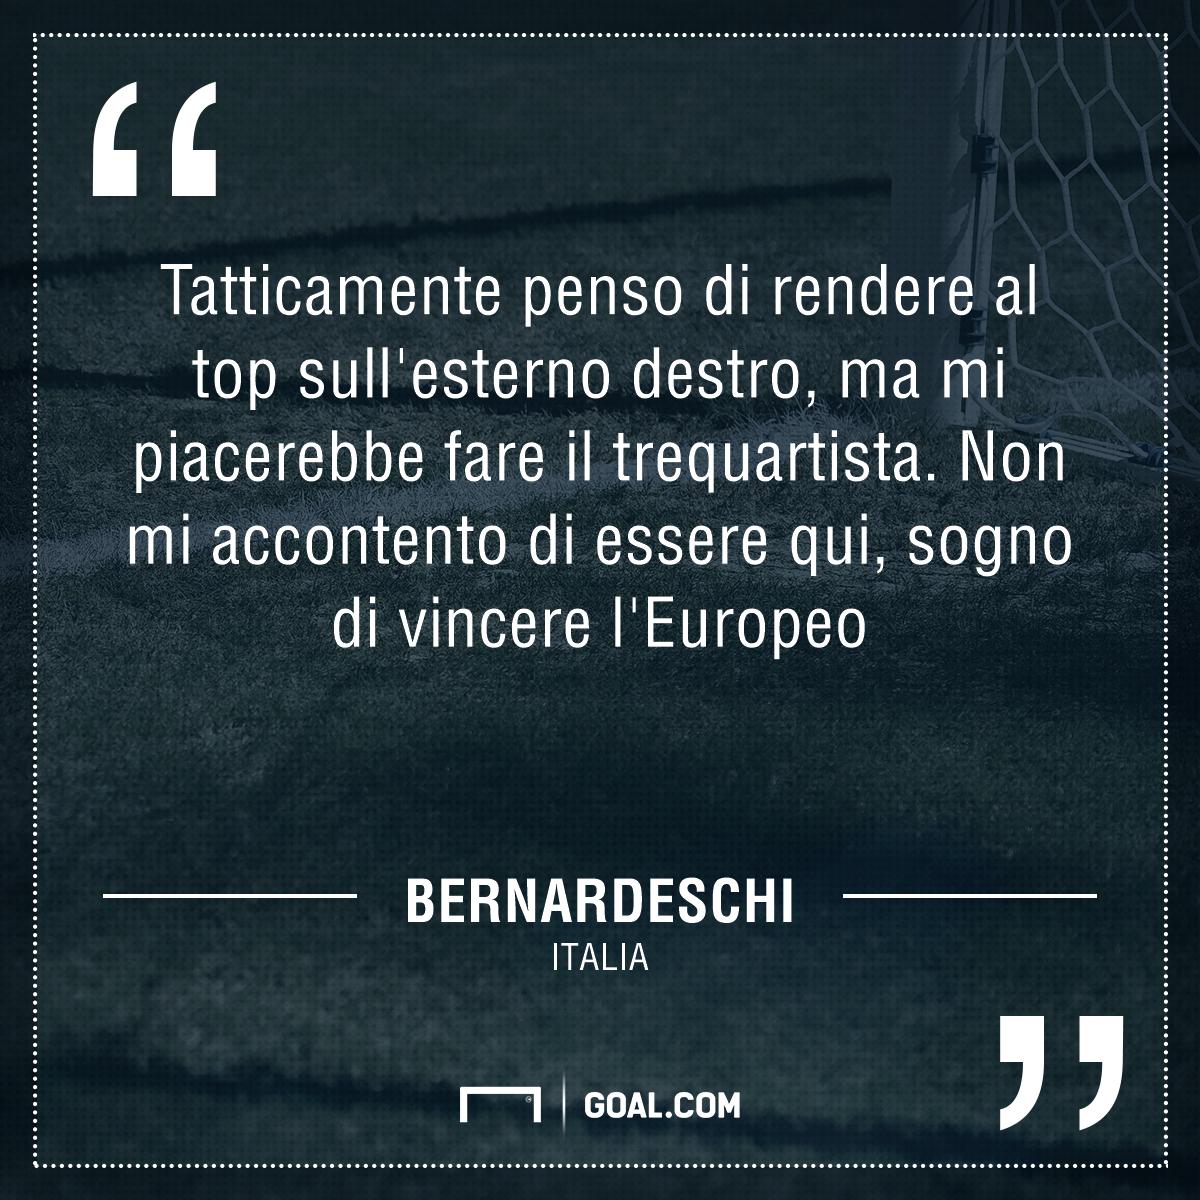 Bernardeschi: